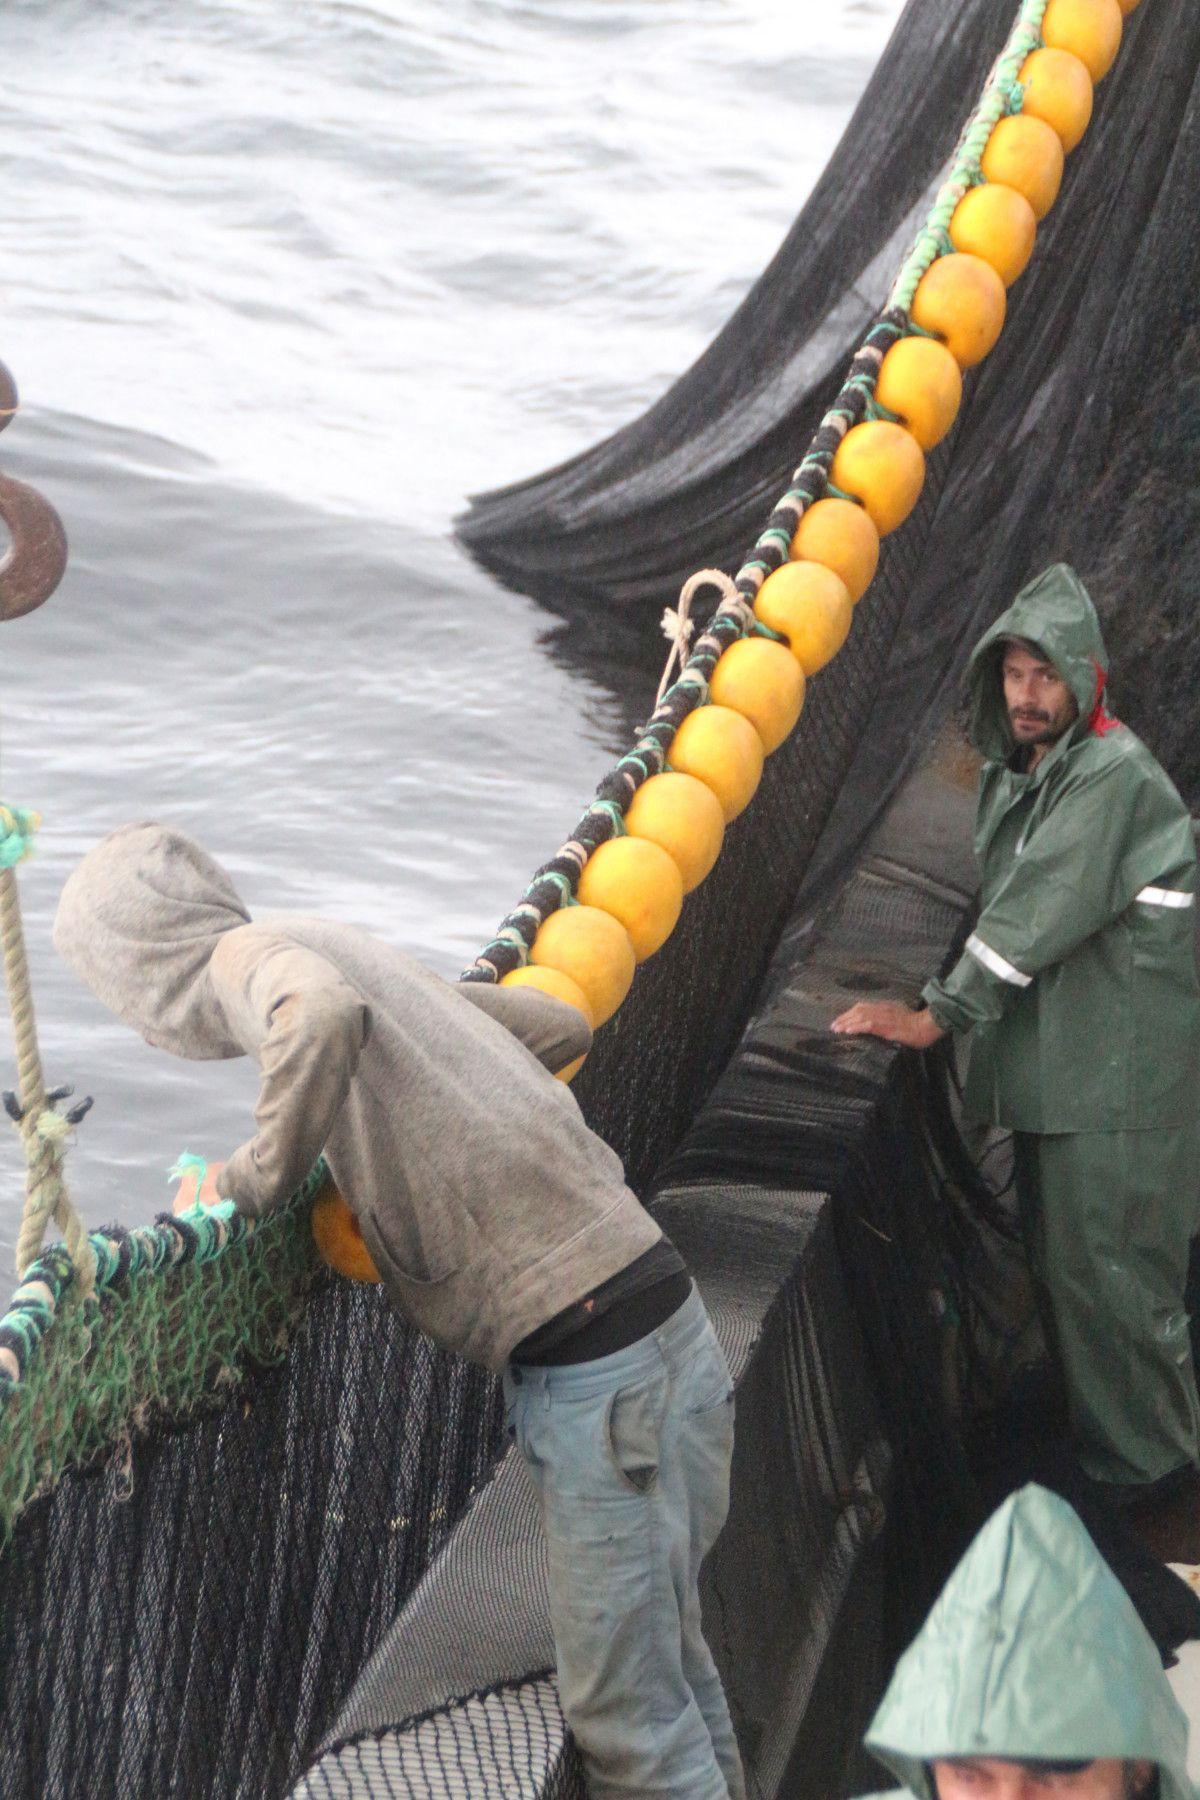 Artvin de balıkçılar için palamut heyecanı başladı #9